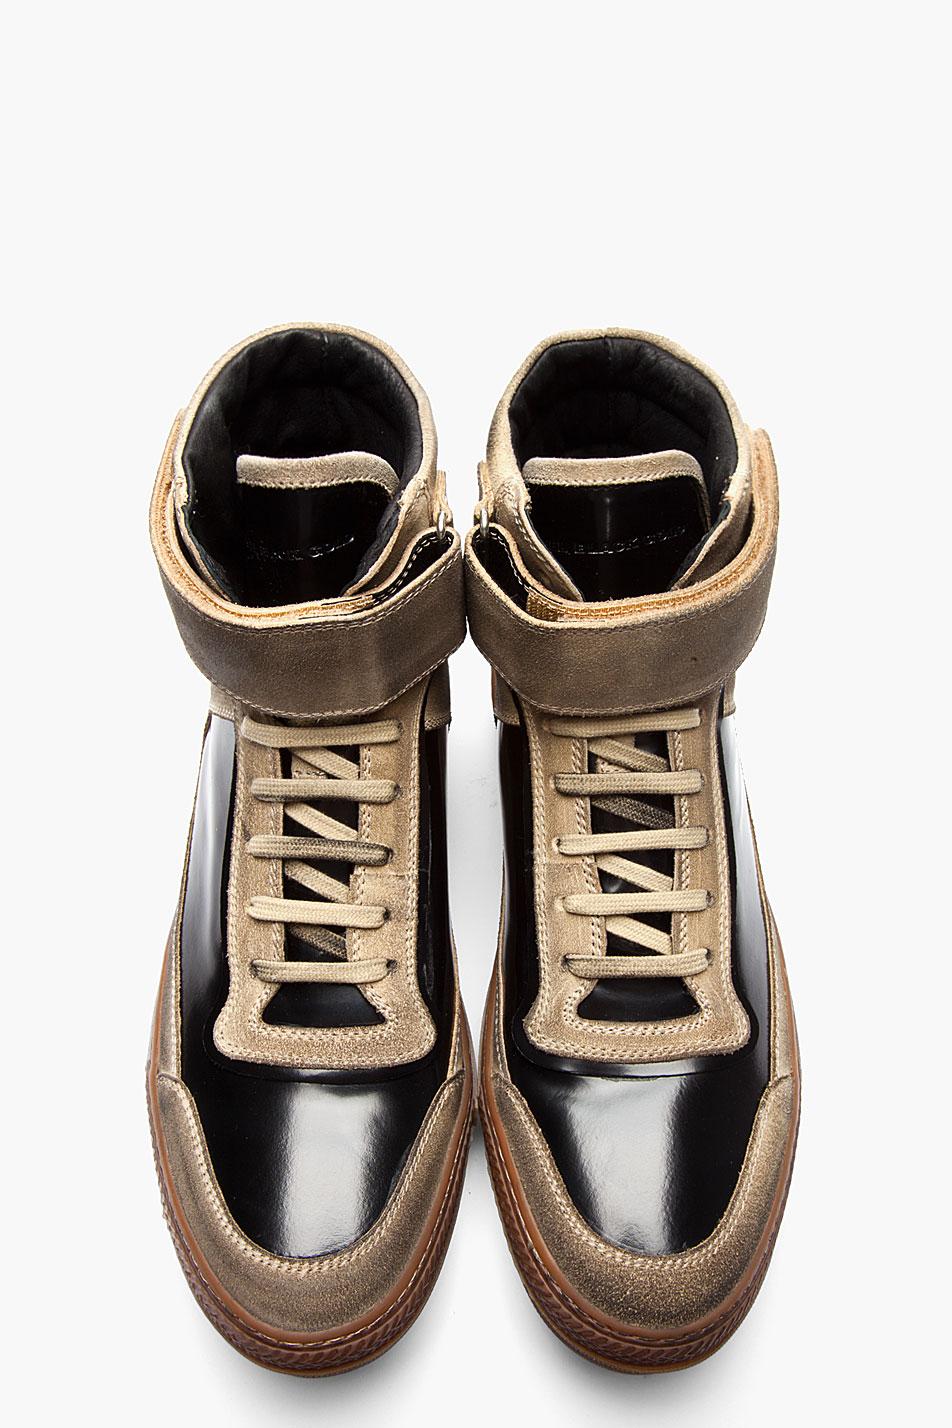 Diesel Tennis Shoes